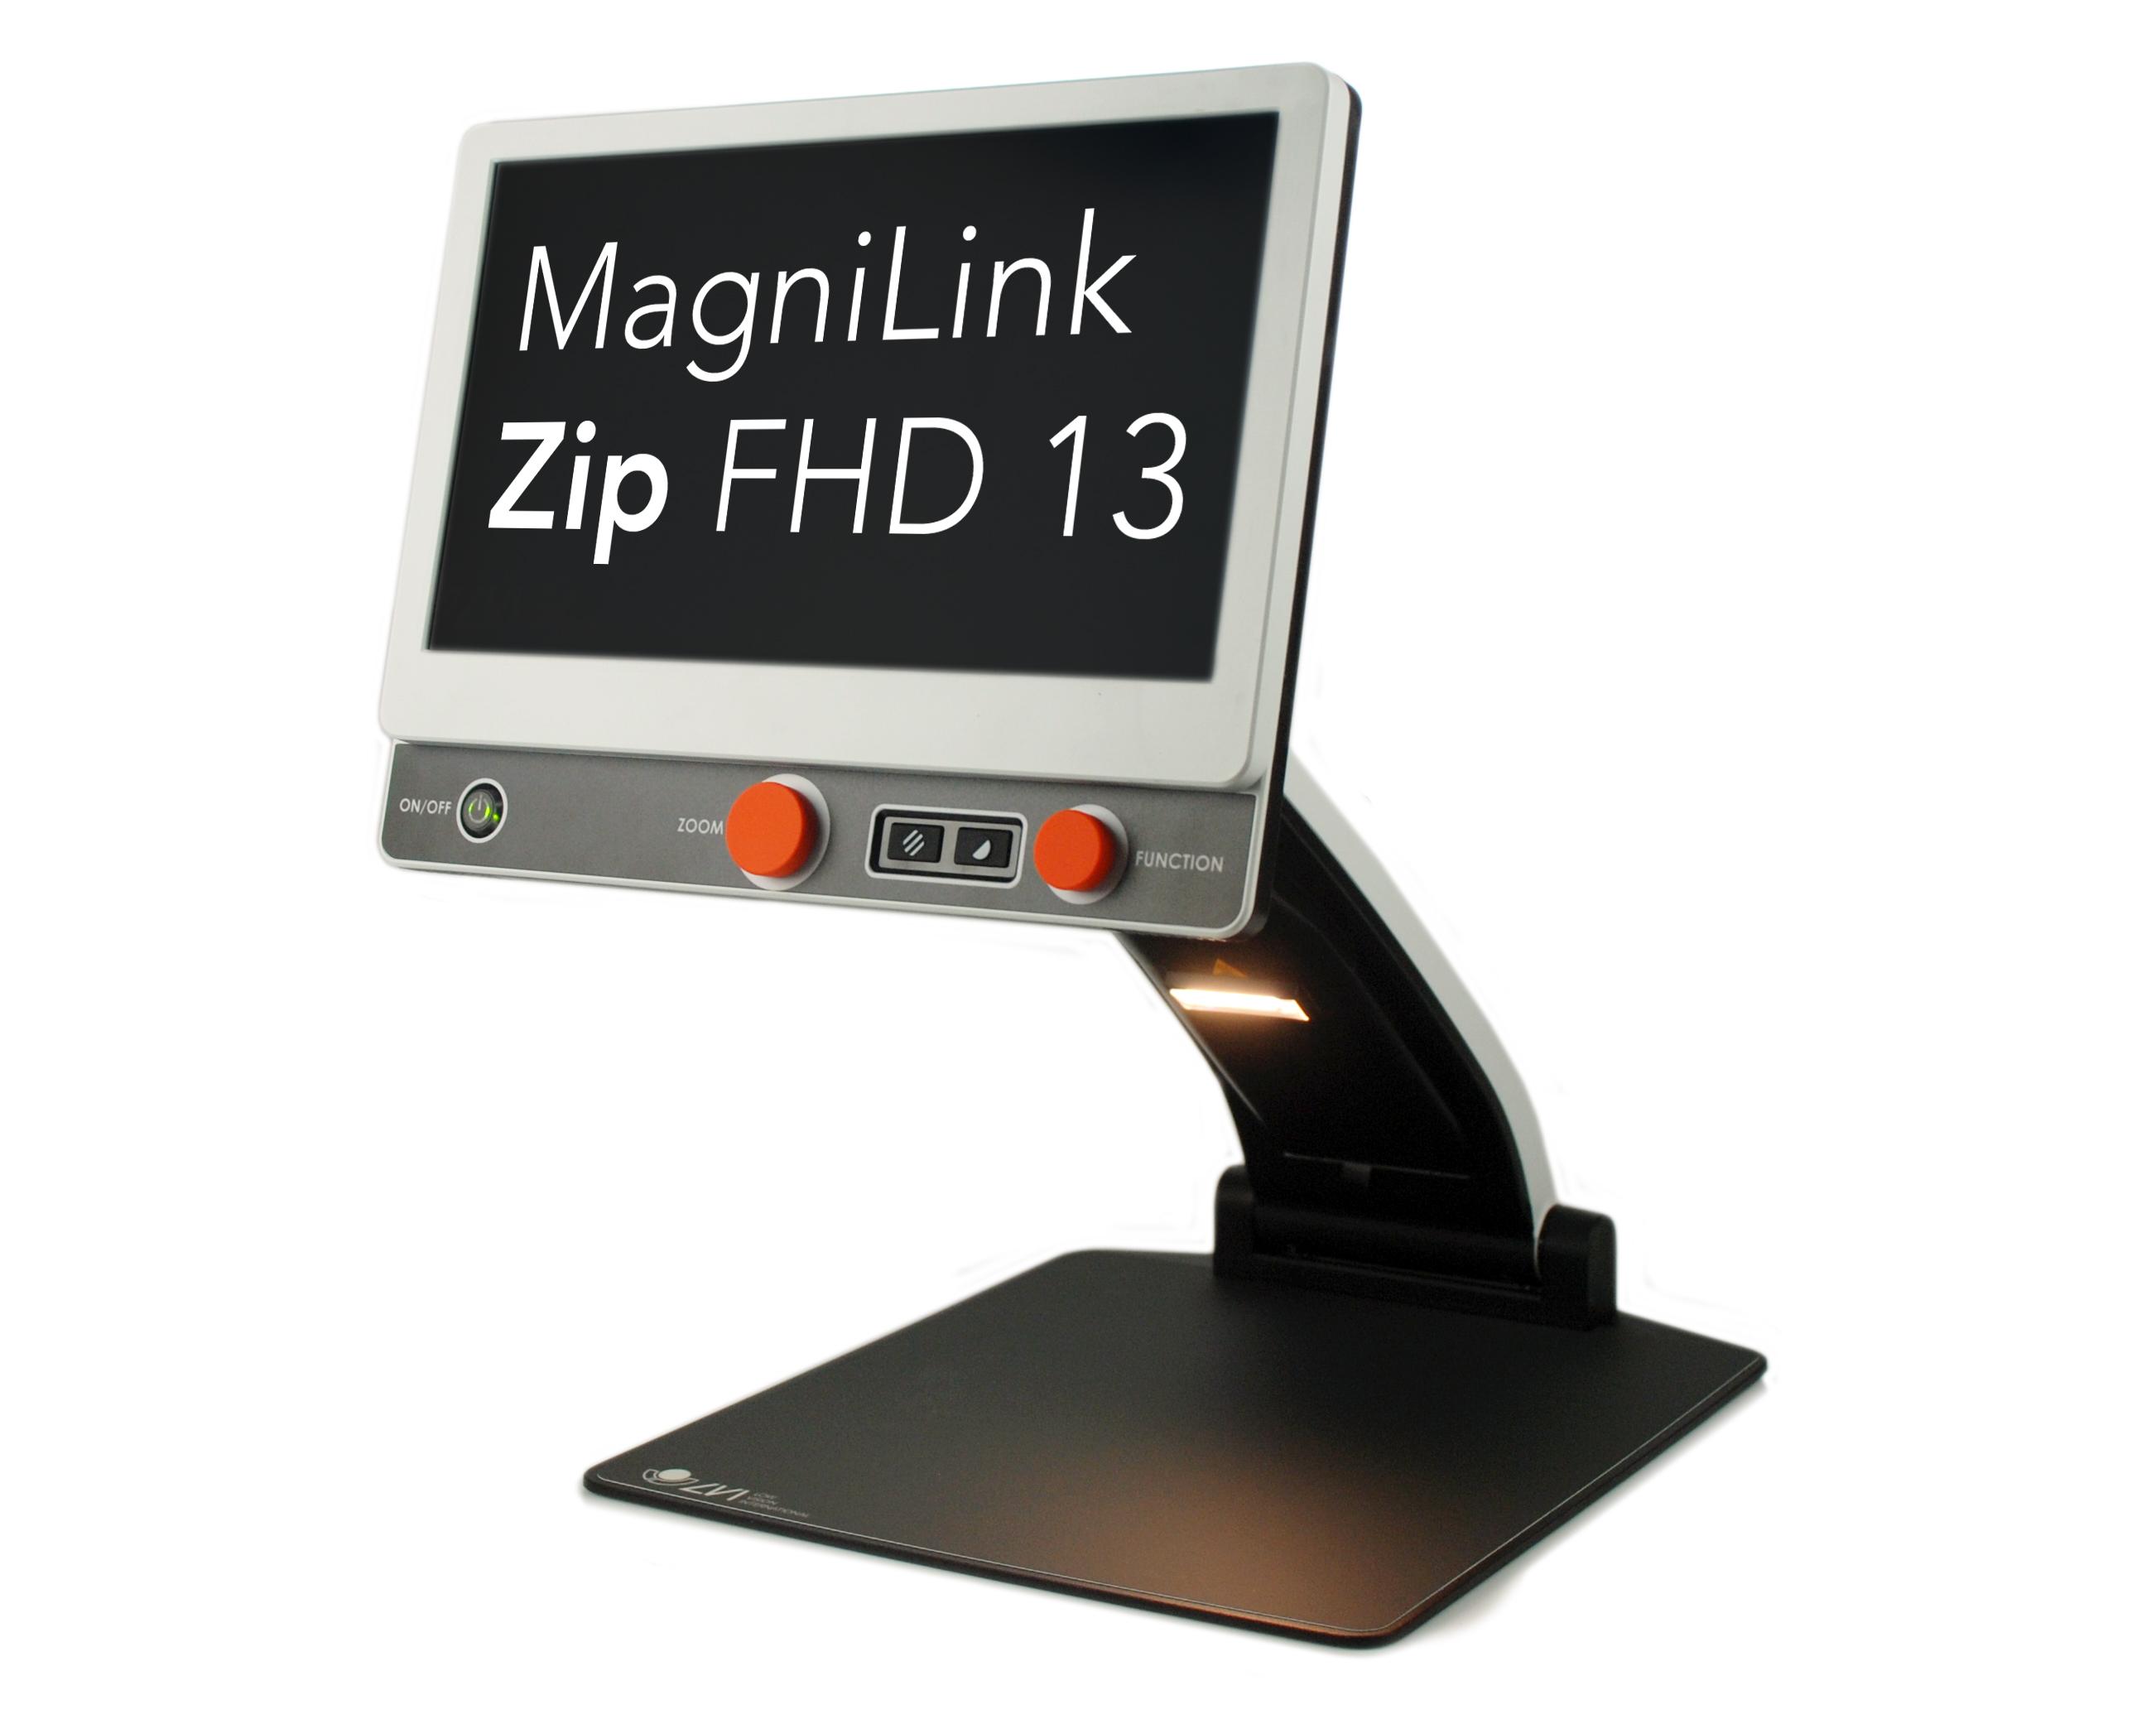 MagniLink Zip Premium